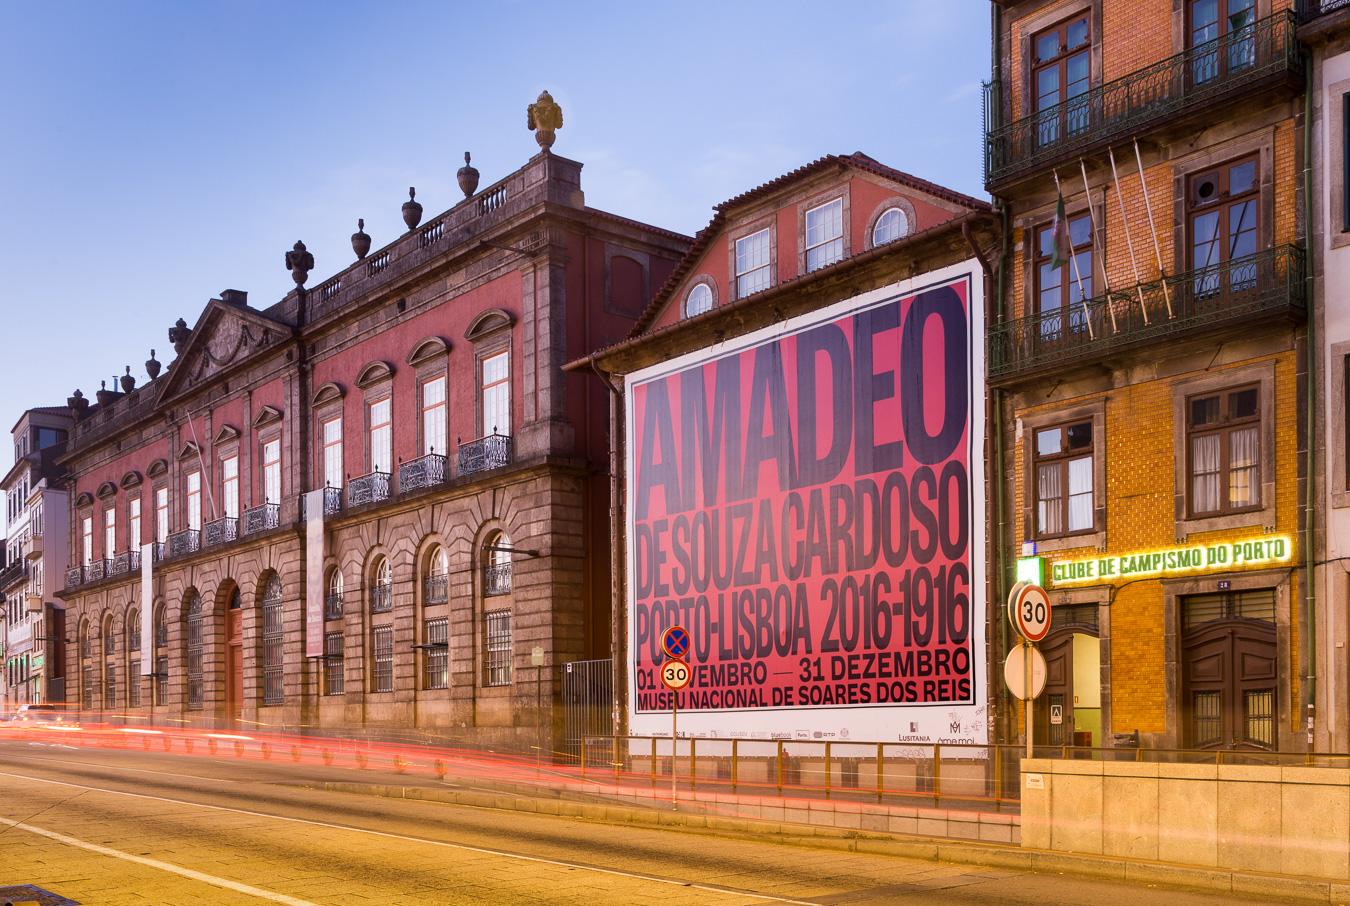 Eduardo Aires website